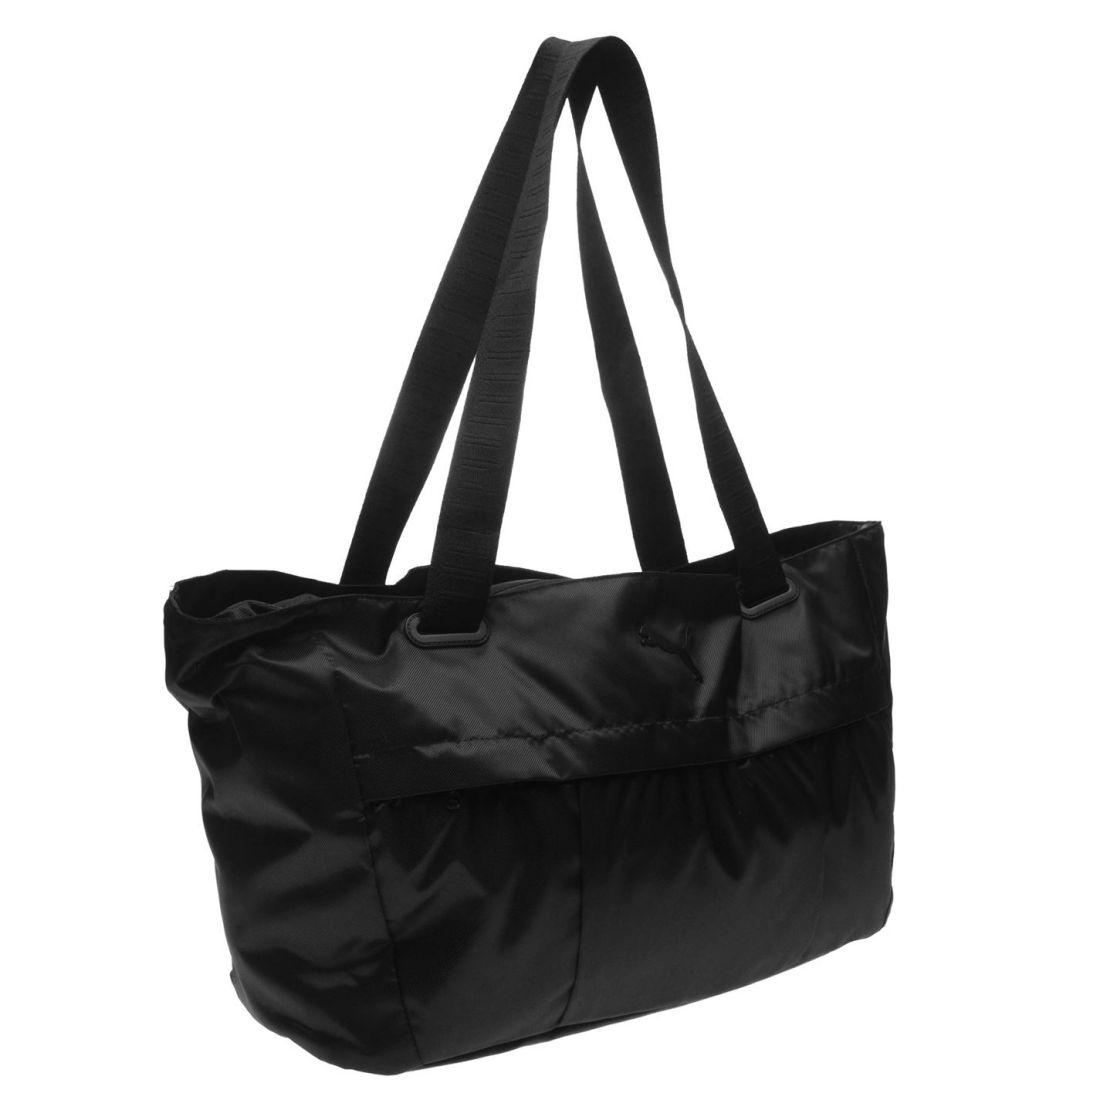 288199f4c406ae Puma Womens EP Workout Bag Barrel 4059504717651 | eBay